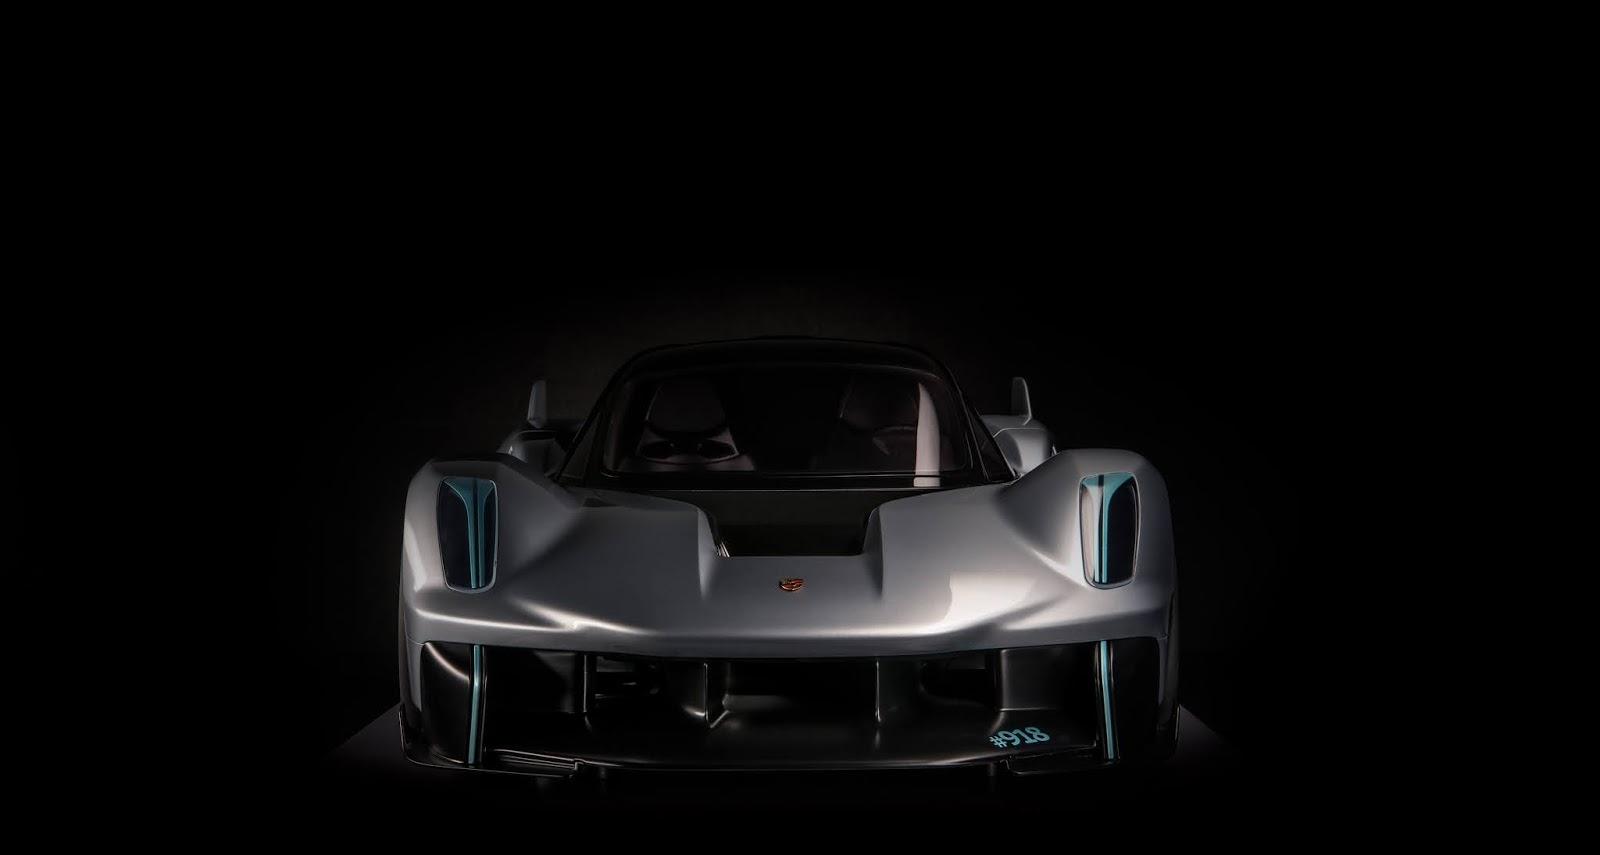 Capture0039 Τα άγνωστα Hypercars της Porsche hypercar, Porsche, Porsche Unseen, Sunday, supercar, supercars, zblog, ειδήσεις